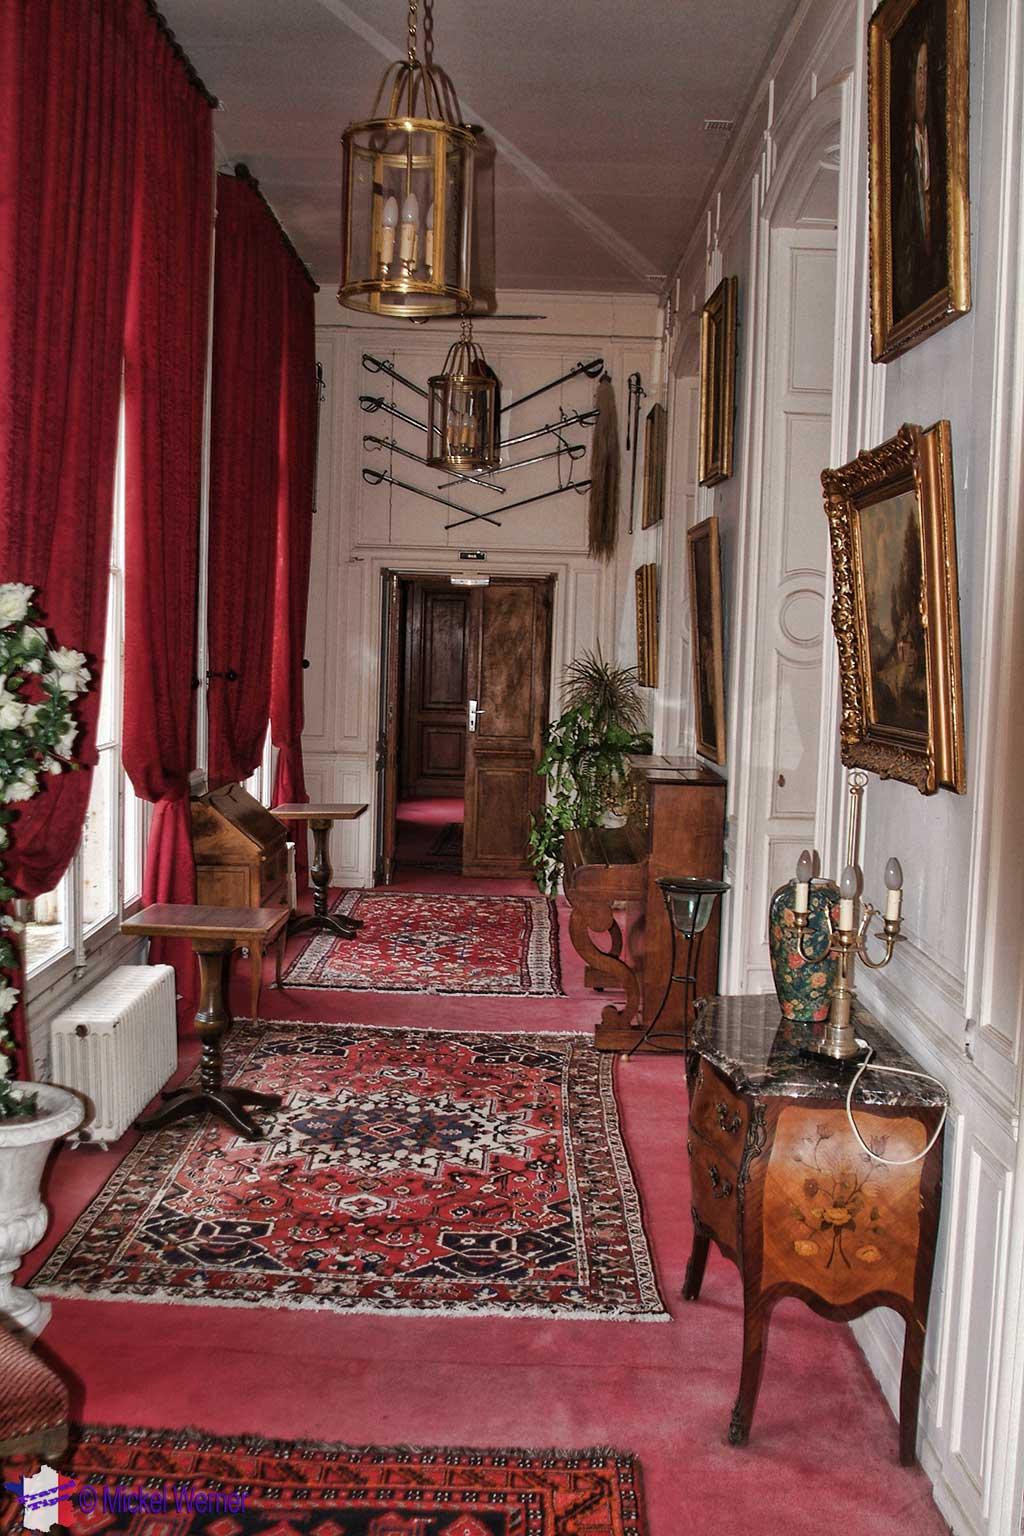 inside the Chateau de Villequier at Villequier